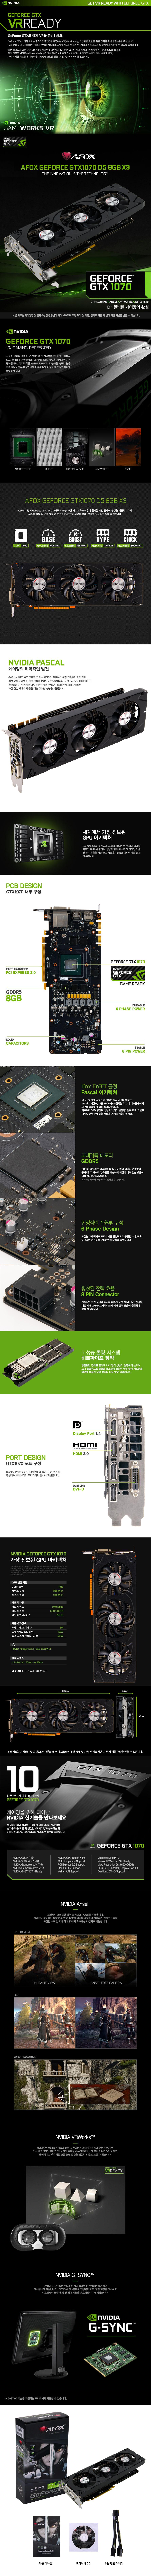 AFOX-지포스-GTX-1070-D5-8GB.jpg